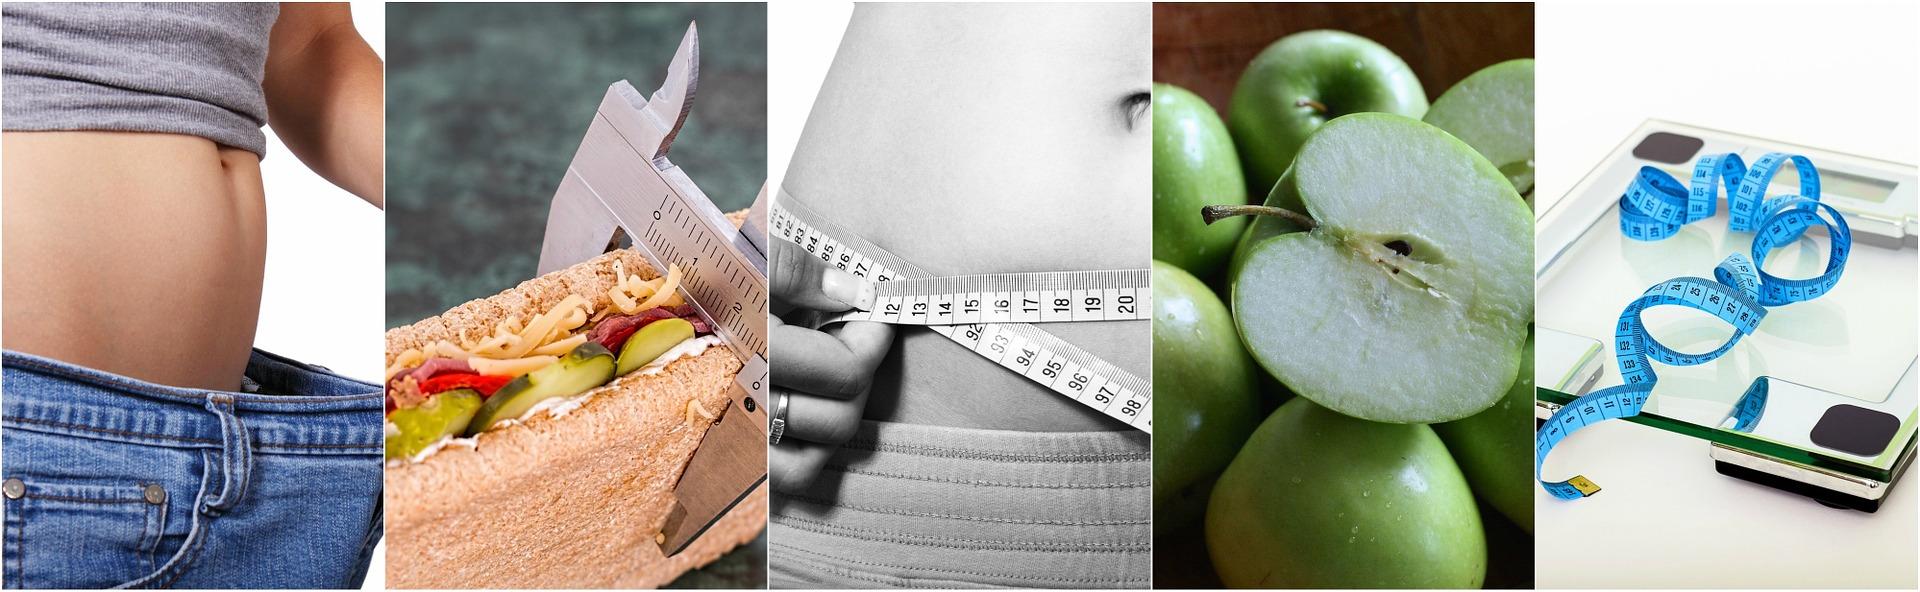 Control, dieta, exigencia, frustración, instisfacción.